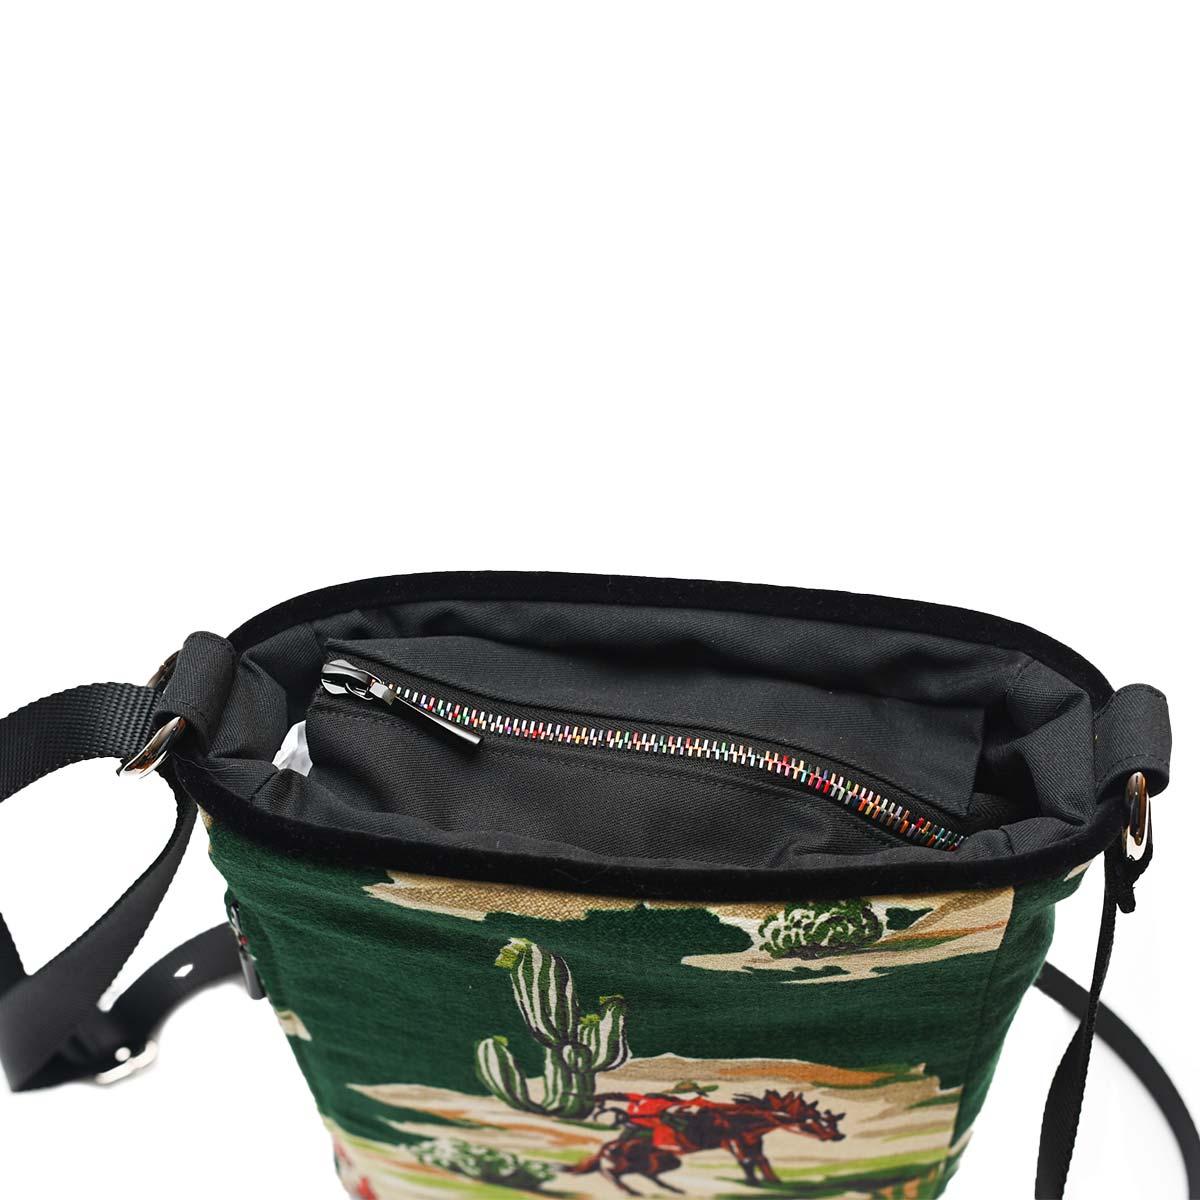 crossbody bag western motif on green DSC 6570